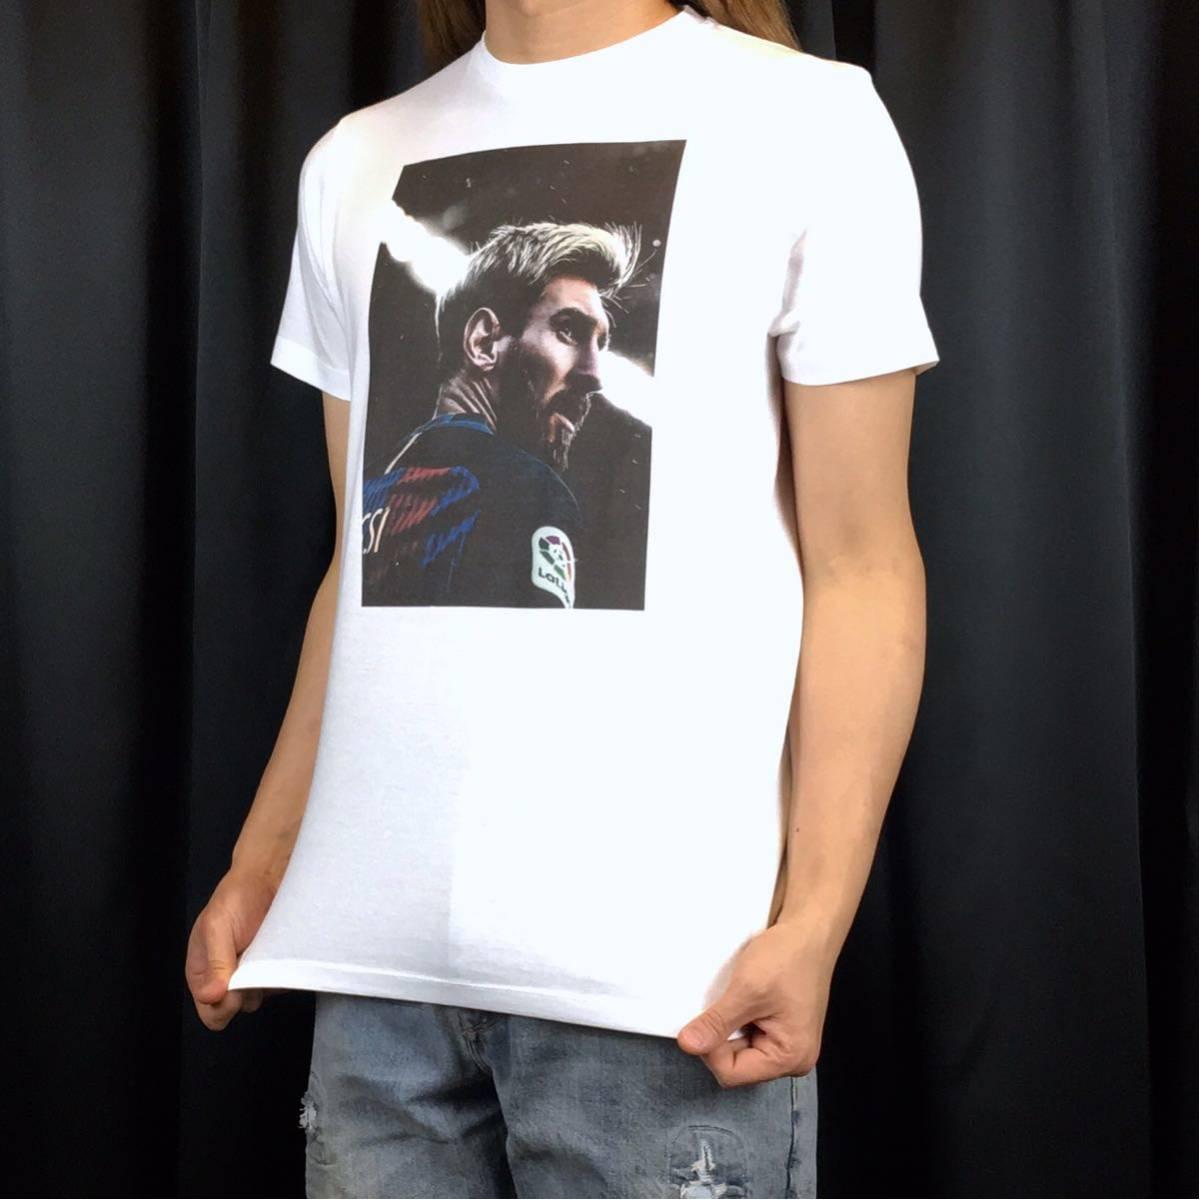 新品 サッカー メッシ Tシャツ S M L XL ワールドカップ バルセロナ アルゼンチン ロナウド ビッグ オーバー サイズ XXL~5XL 長袖 黒 対応_画像3